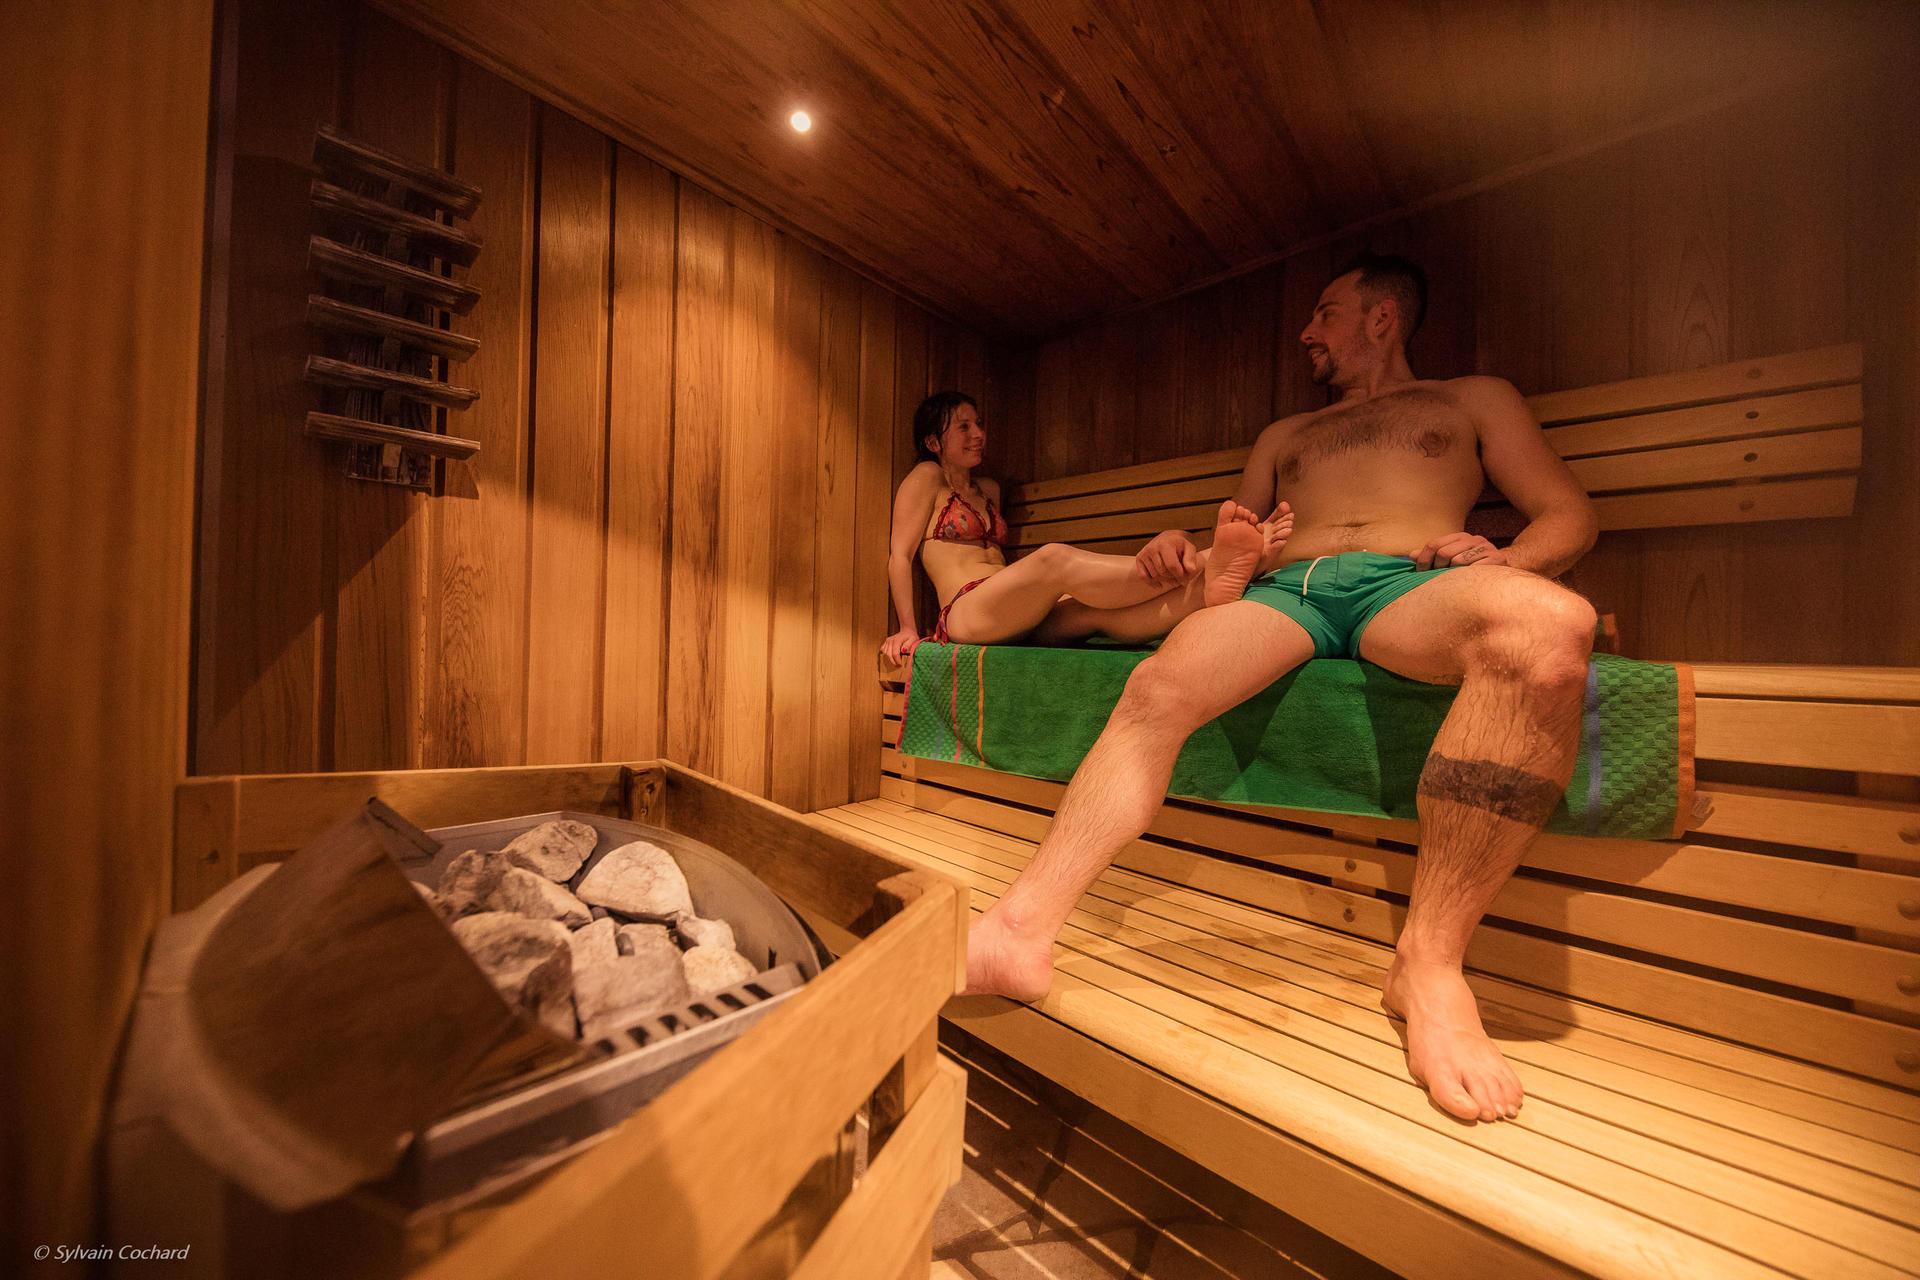 Une femme et un homme dans le sauna